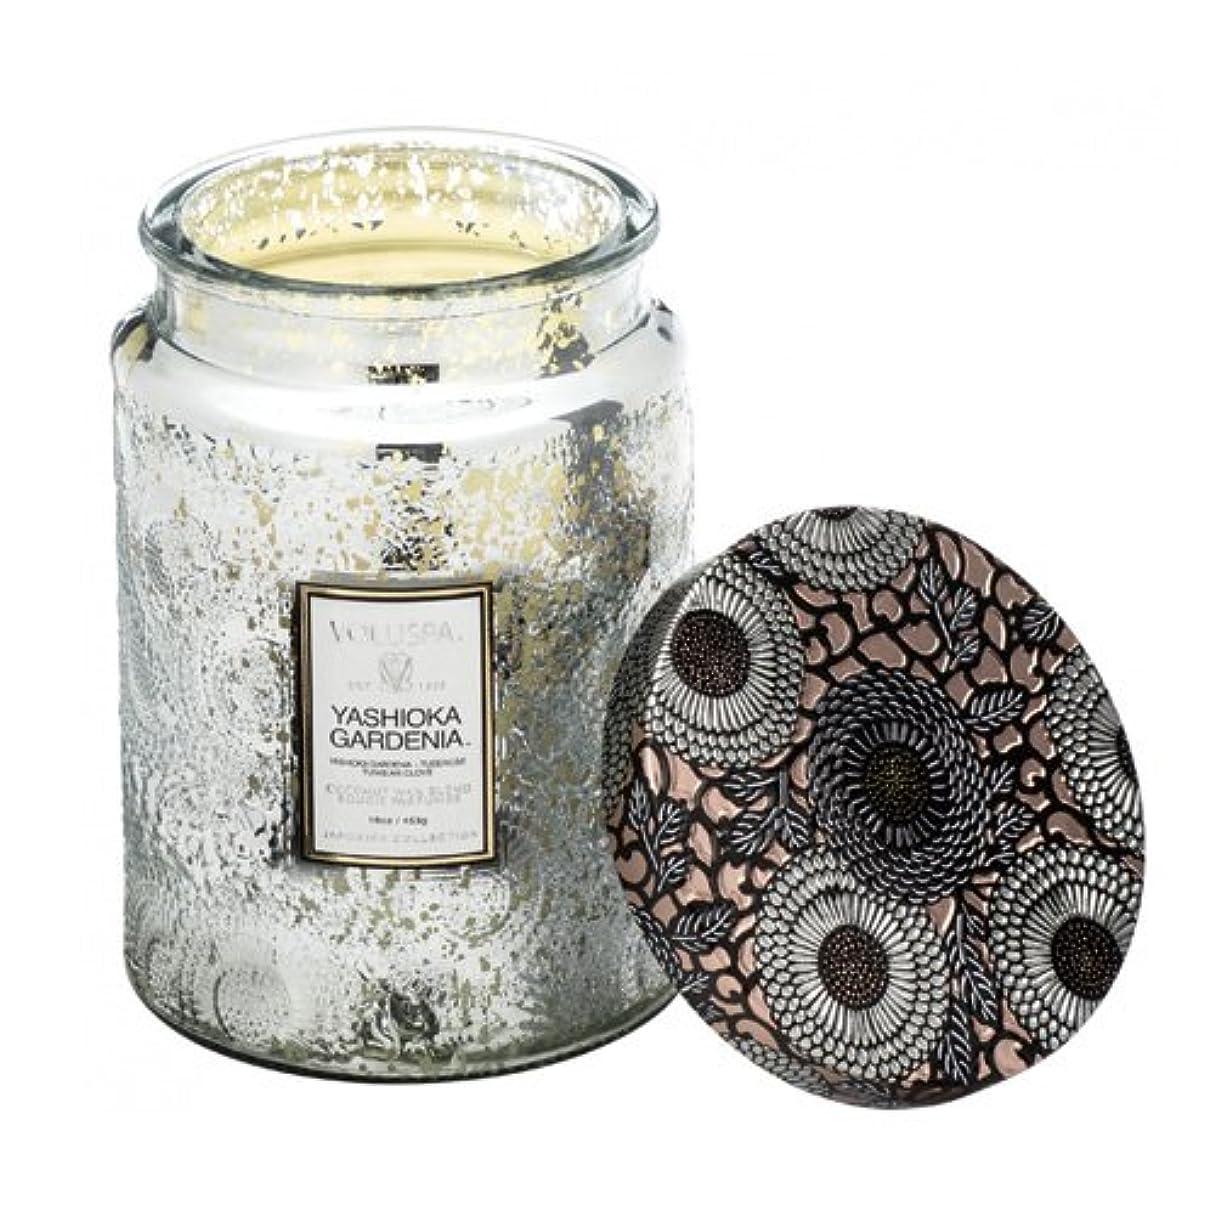 今晩関係する不健康Voluspa ボルスパ ジャポニカ リミテッド グラスジャーキャンドル  L ヤシオカガーデニア YASHIOKA GARDENIA JAPONICA Limited LARGE EMBOSSED Glass jar candle